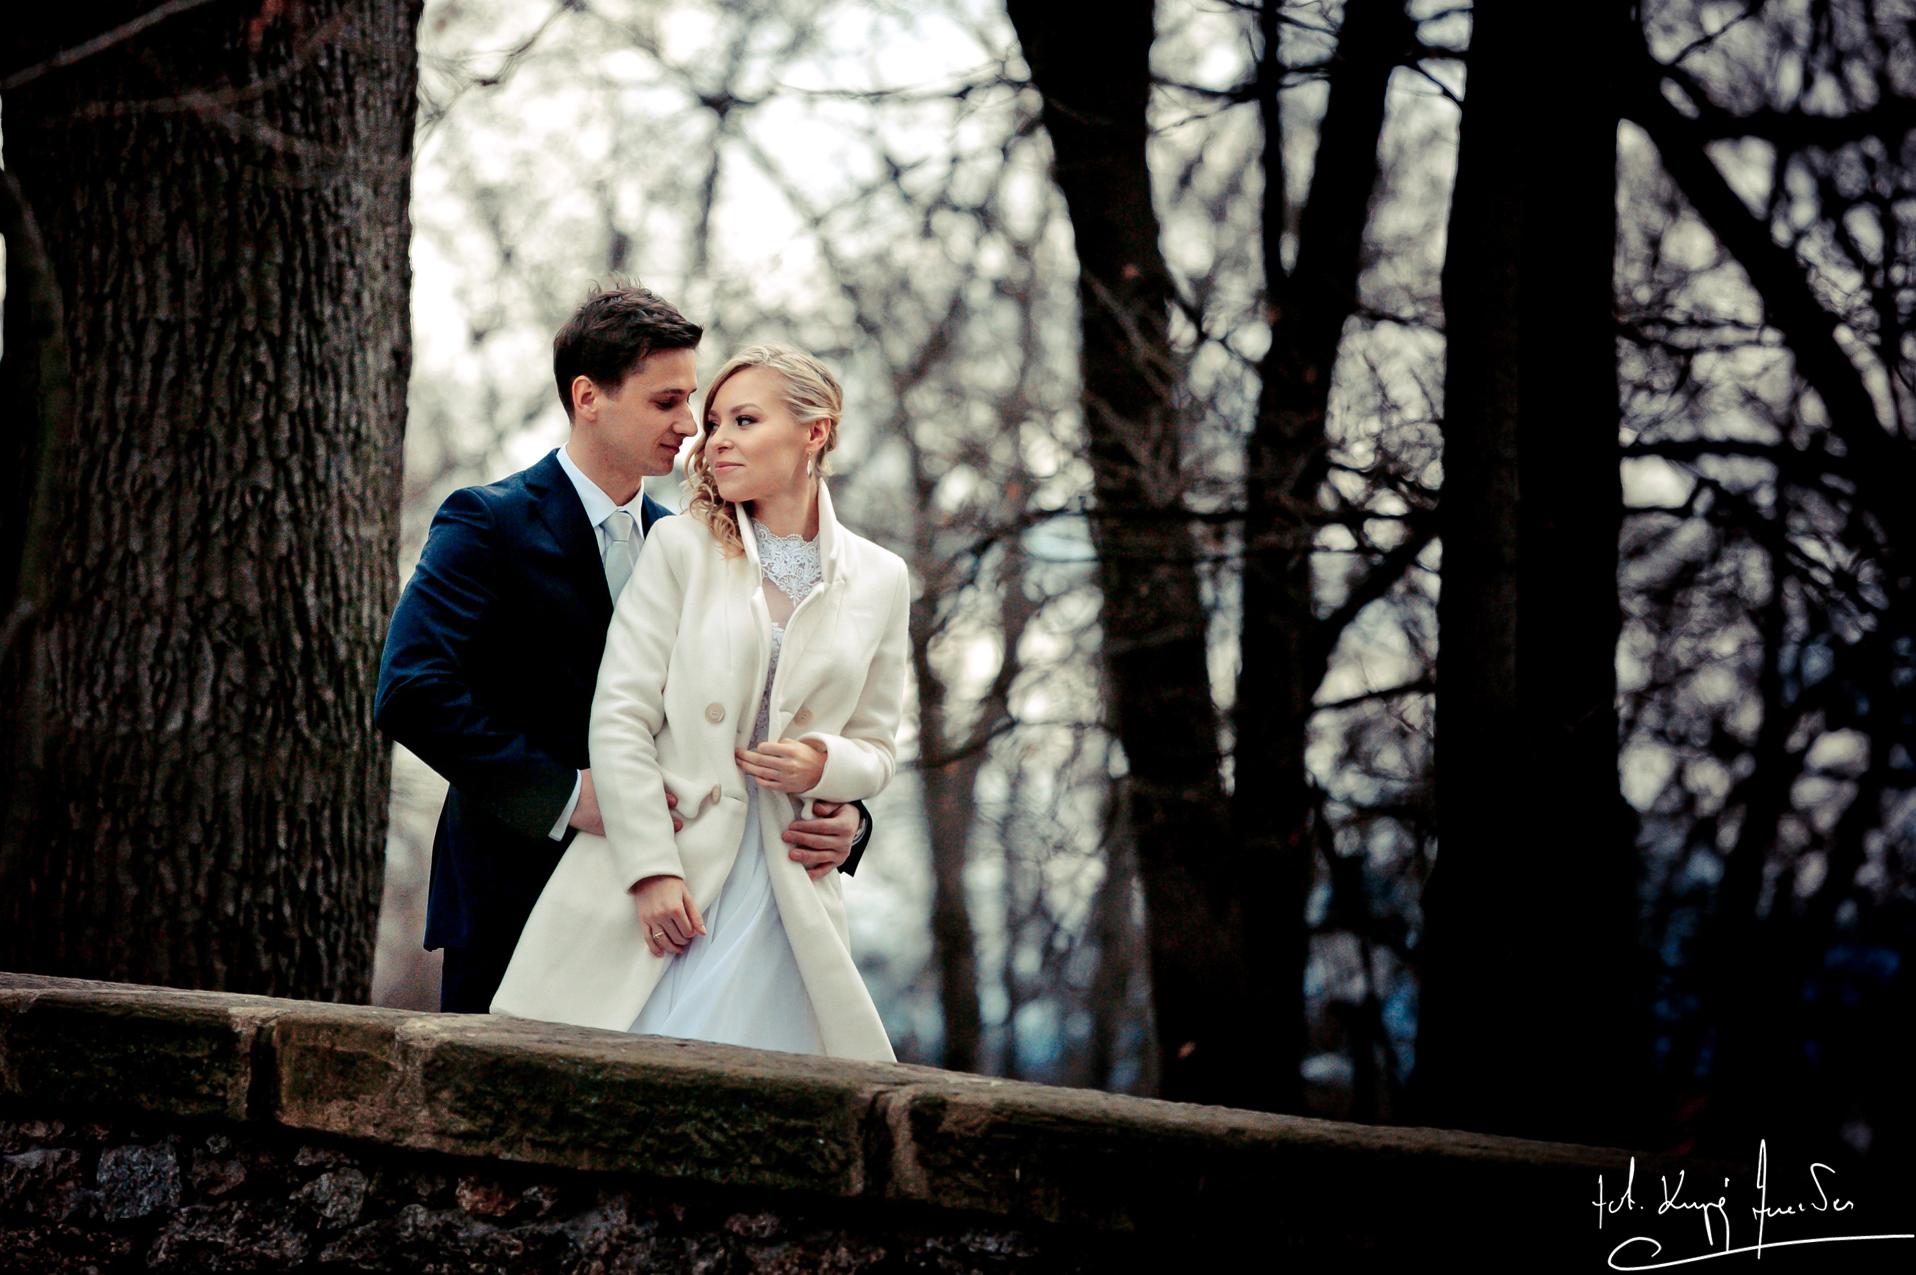 Ślub w jeleniej górze 1 Lutowy Plener z Eweliną i Mikołajem